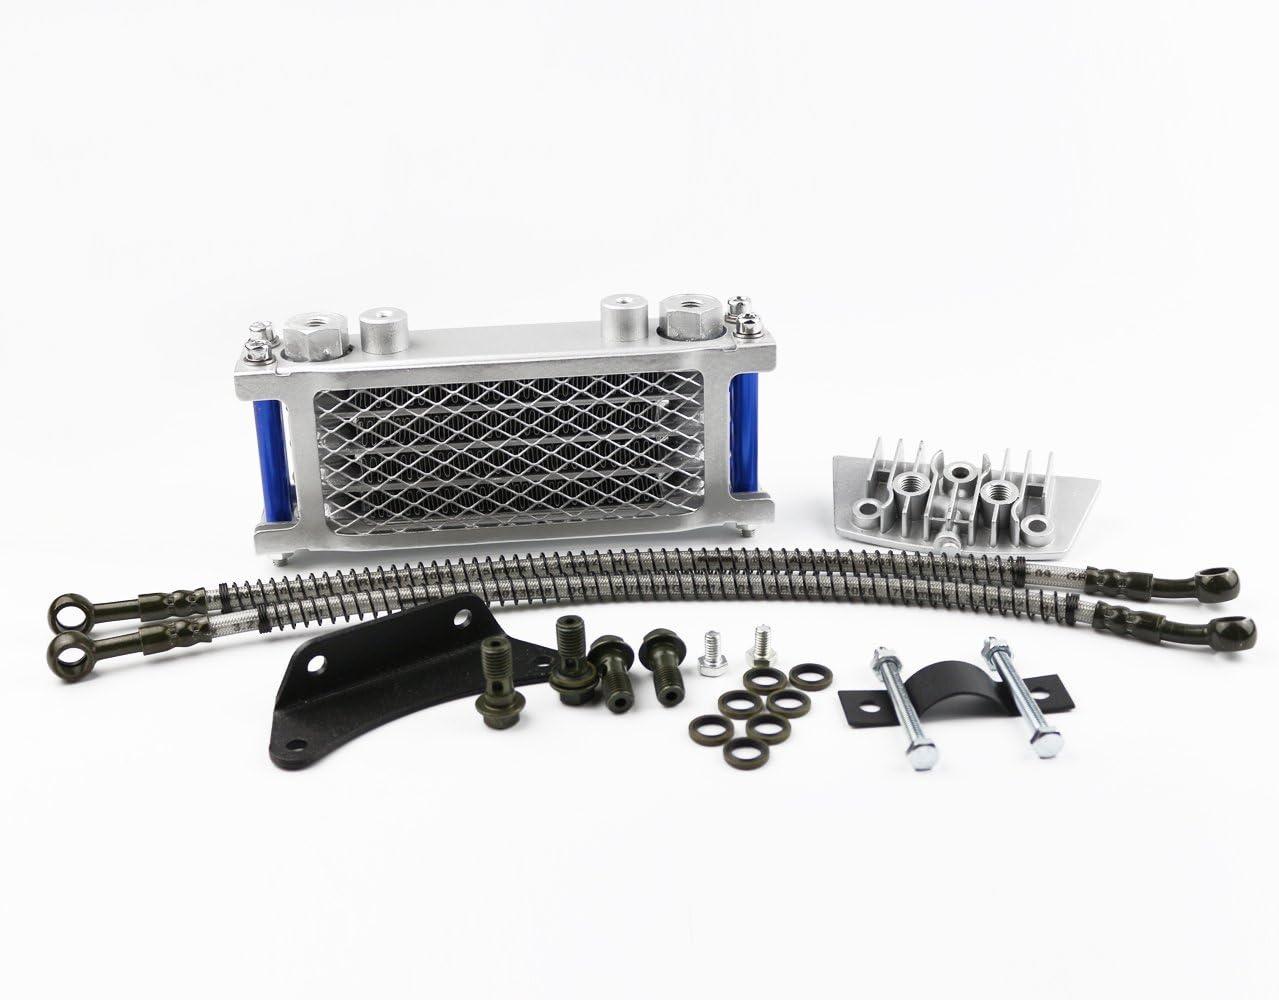 3, Blue Oil Cooling Cooler Radiator for Pit Dirt Bike ATV Motorcycle Quad 50 70 90 110CC Pitpro Pitster Pro SDG DHZ SSR Piranha